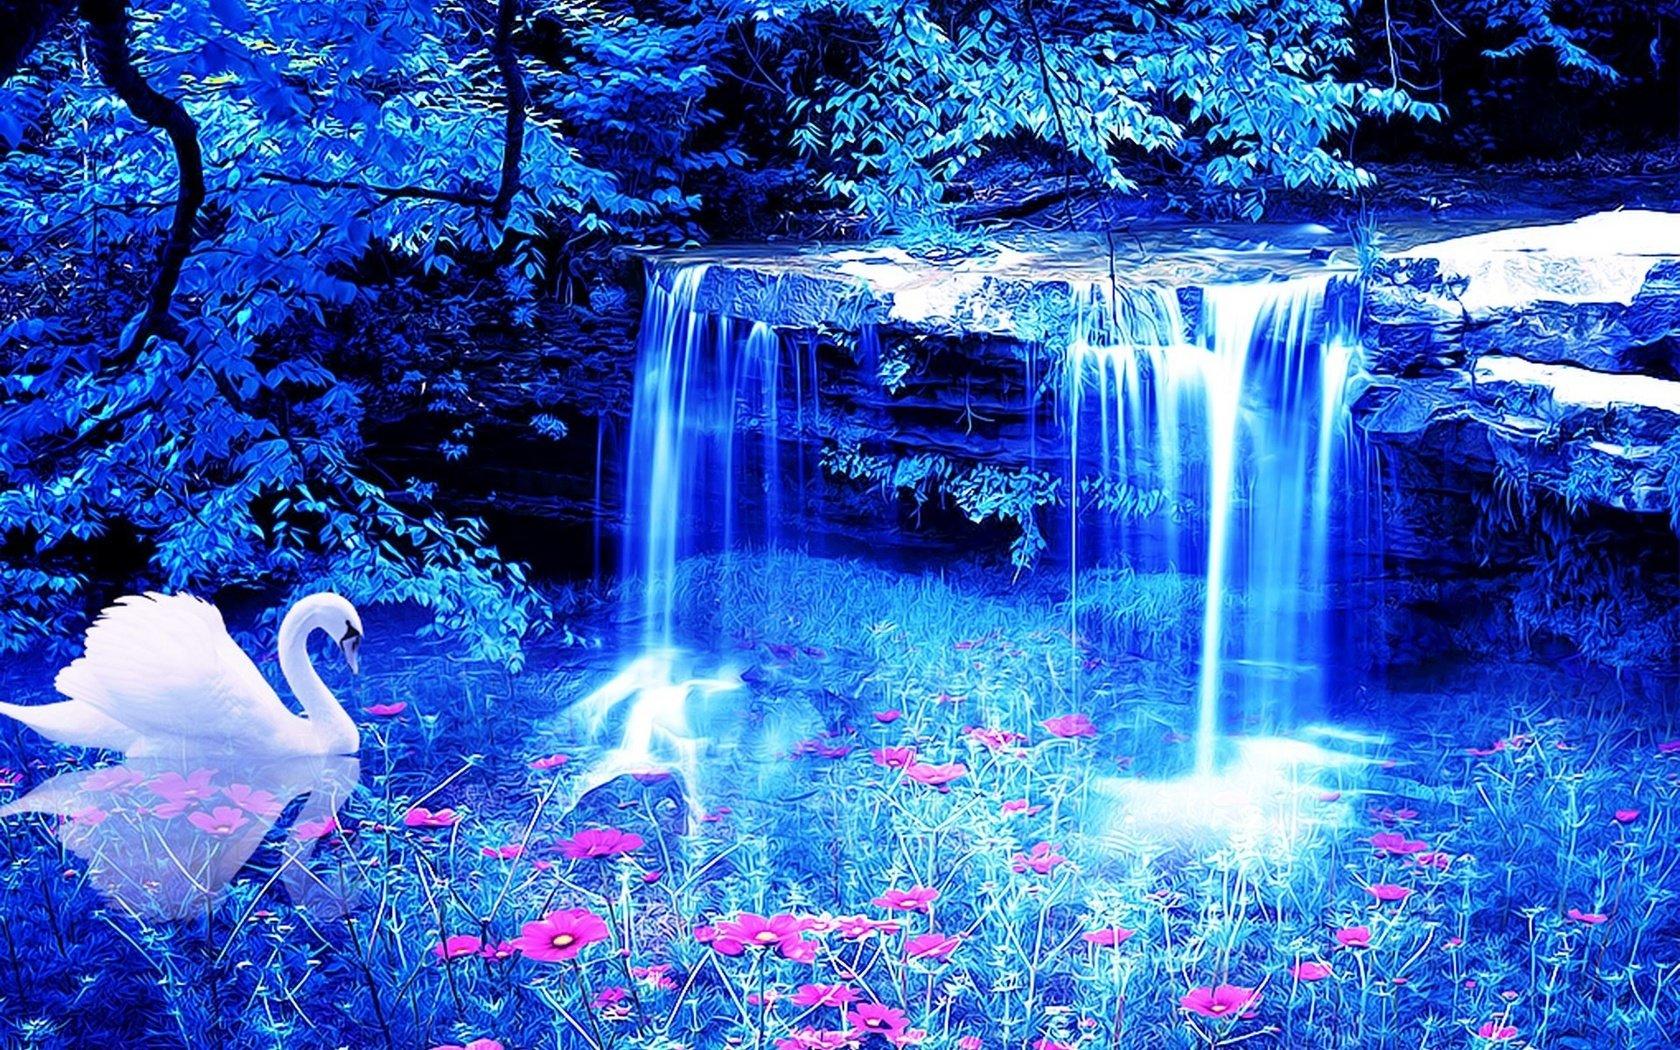 никуда обои на телефон водопады живые бесплатно открытку день